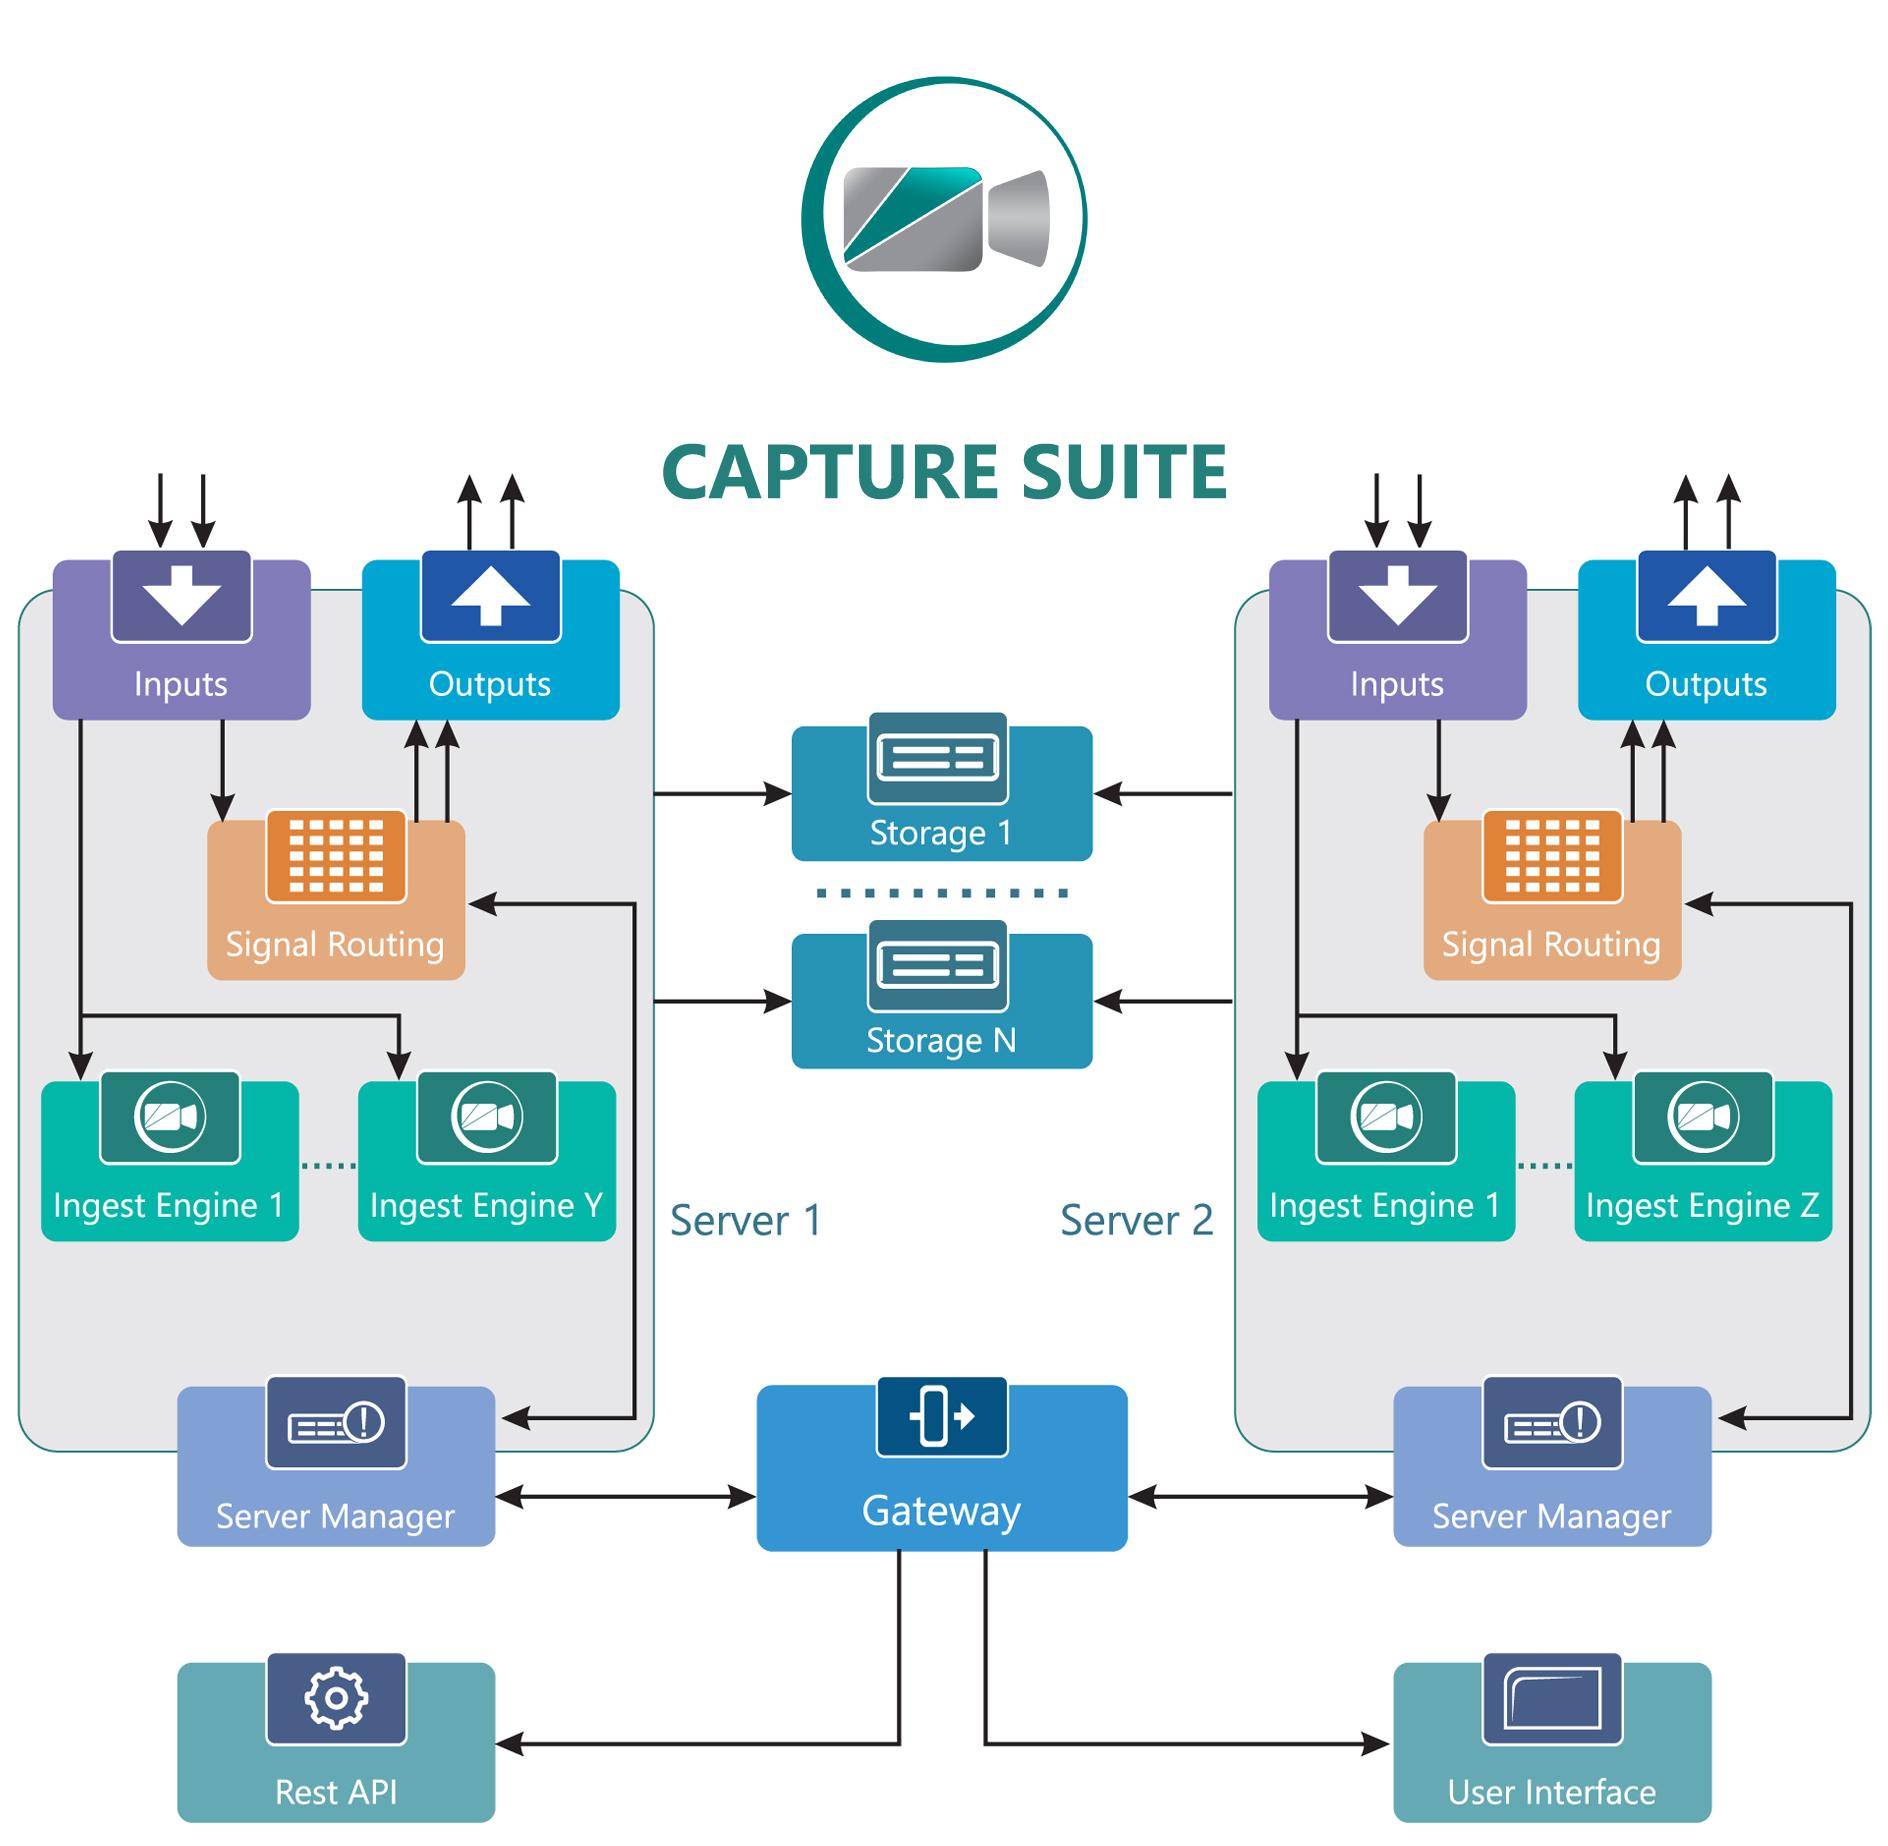 Capture Suite workflow